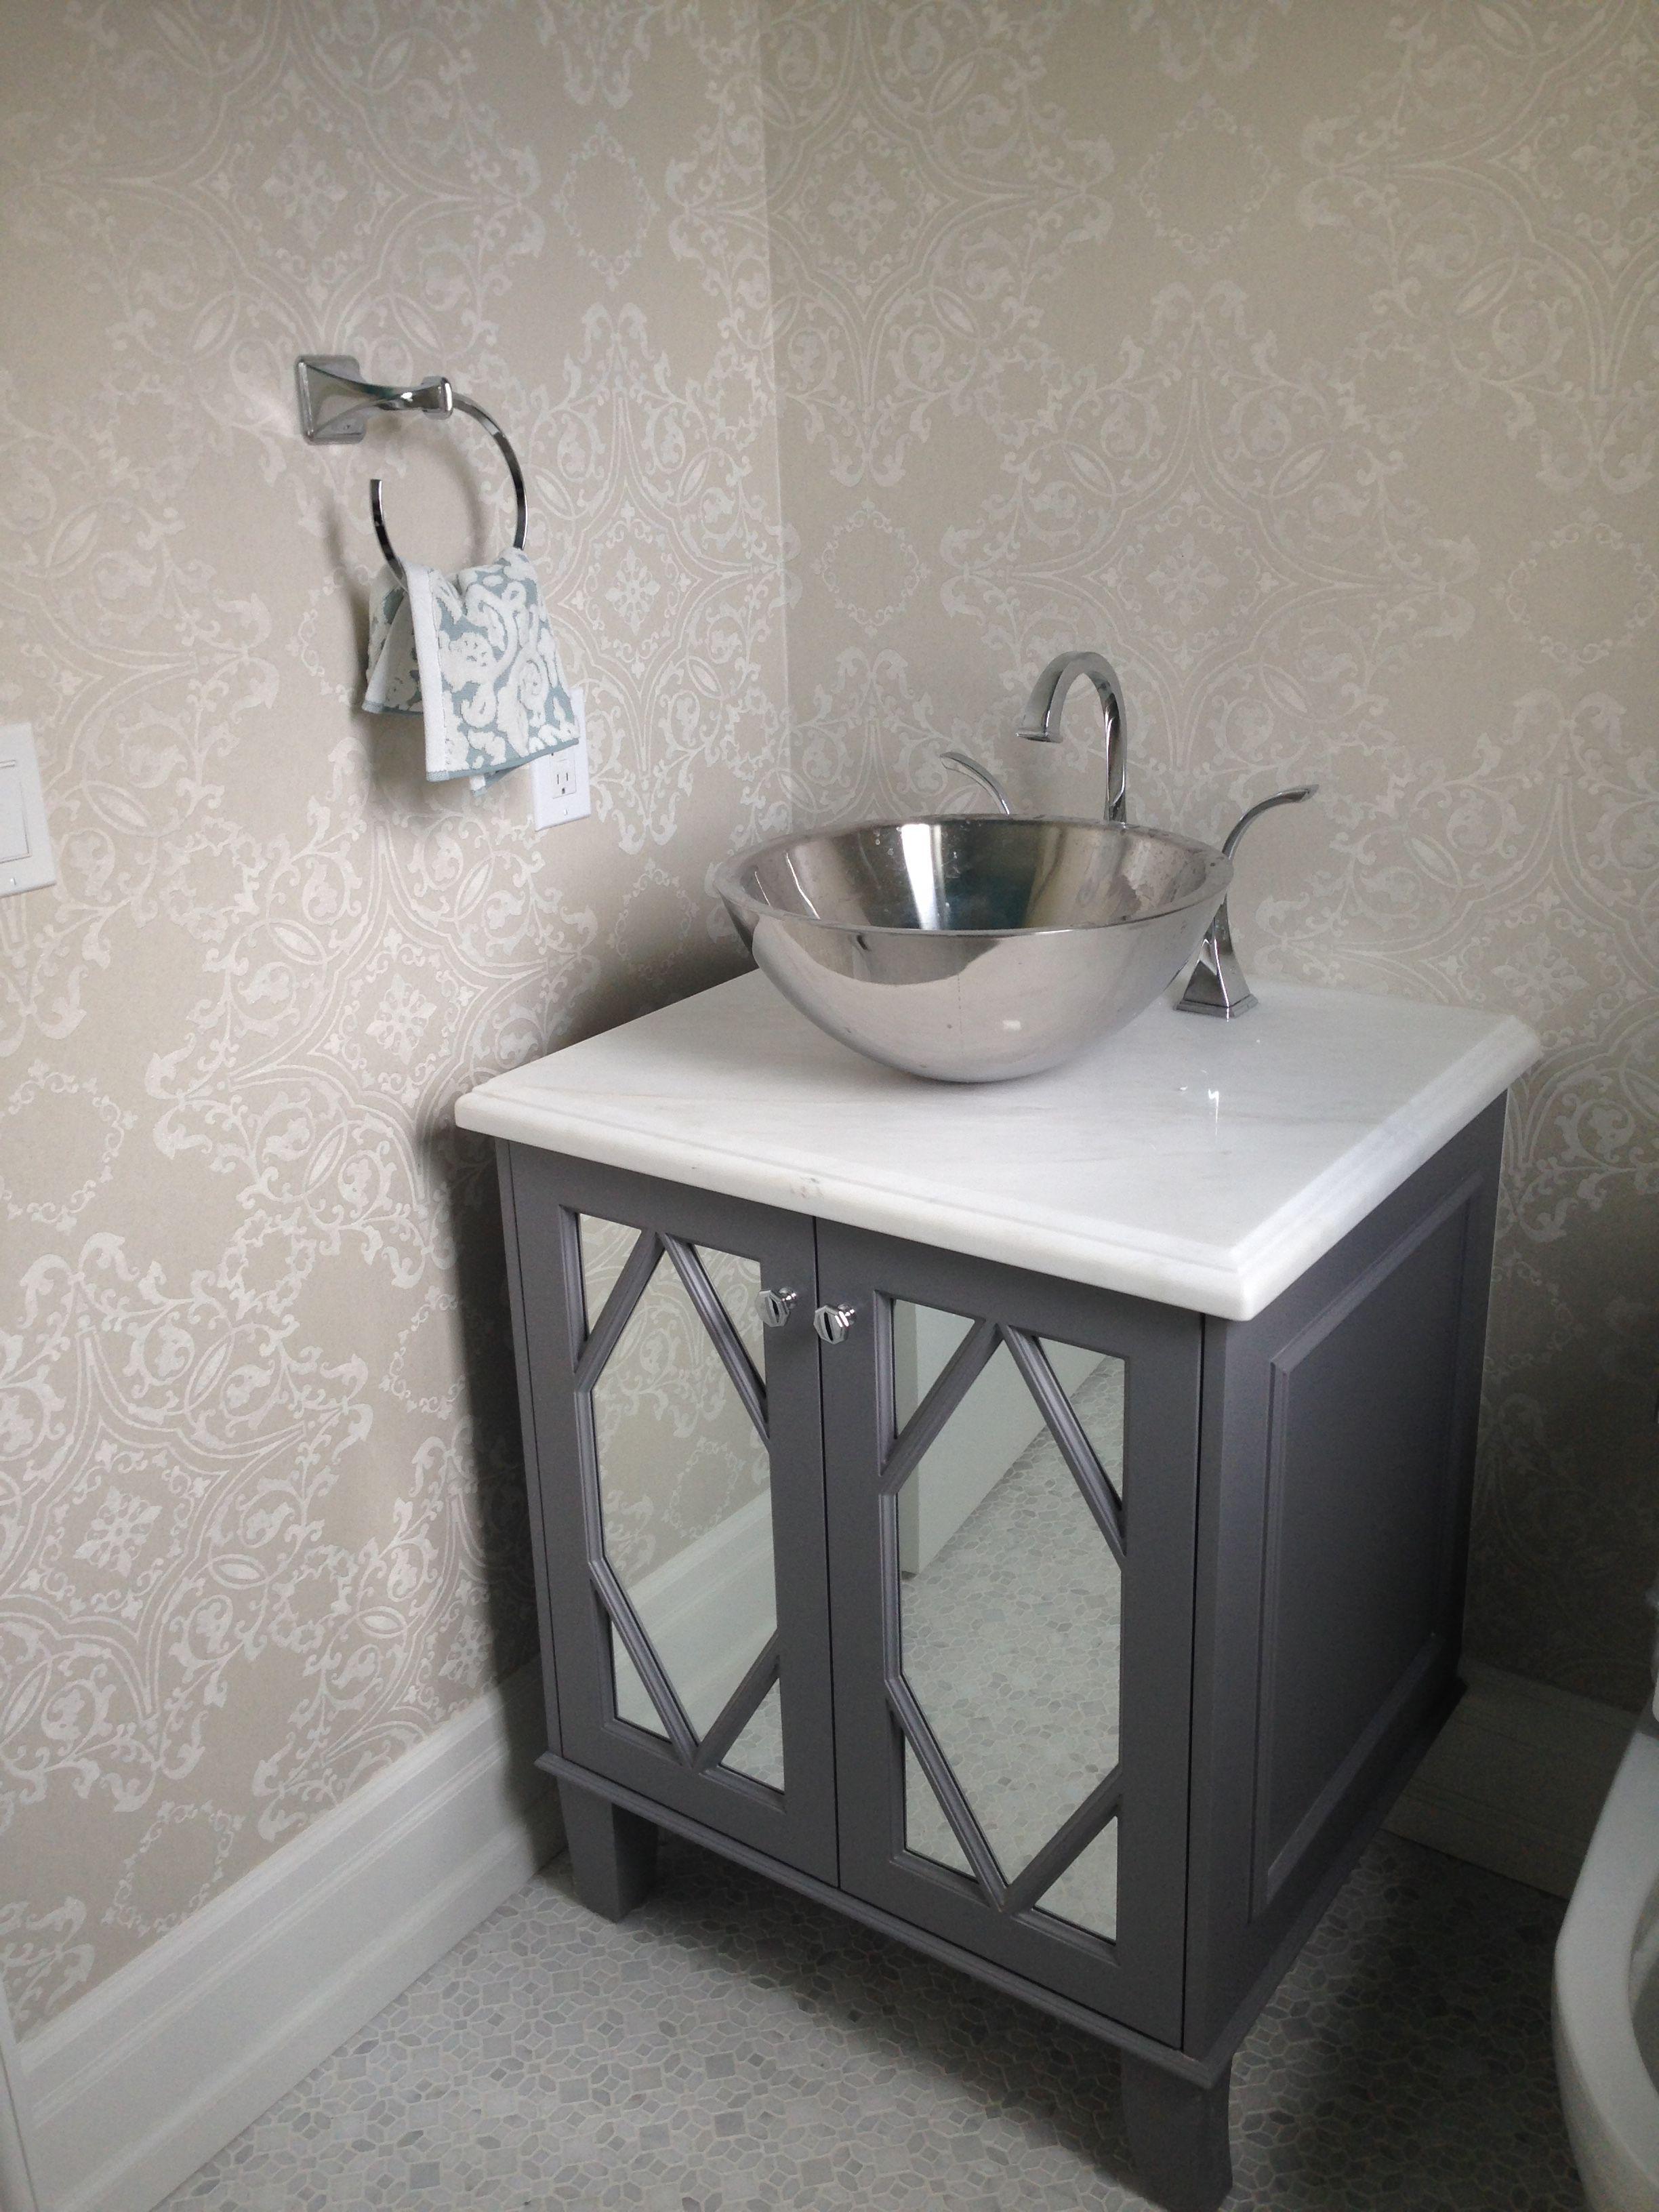 Kleinburg Model Home Powder Room Vanity